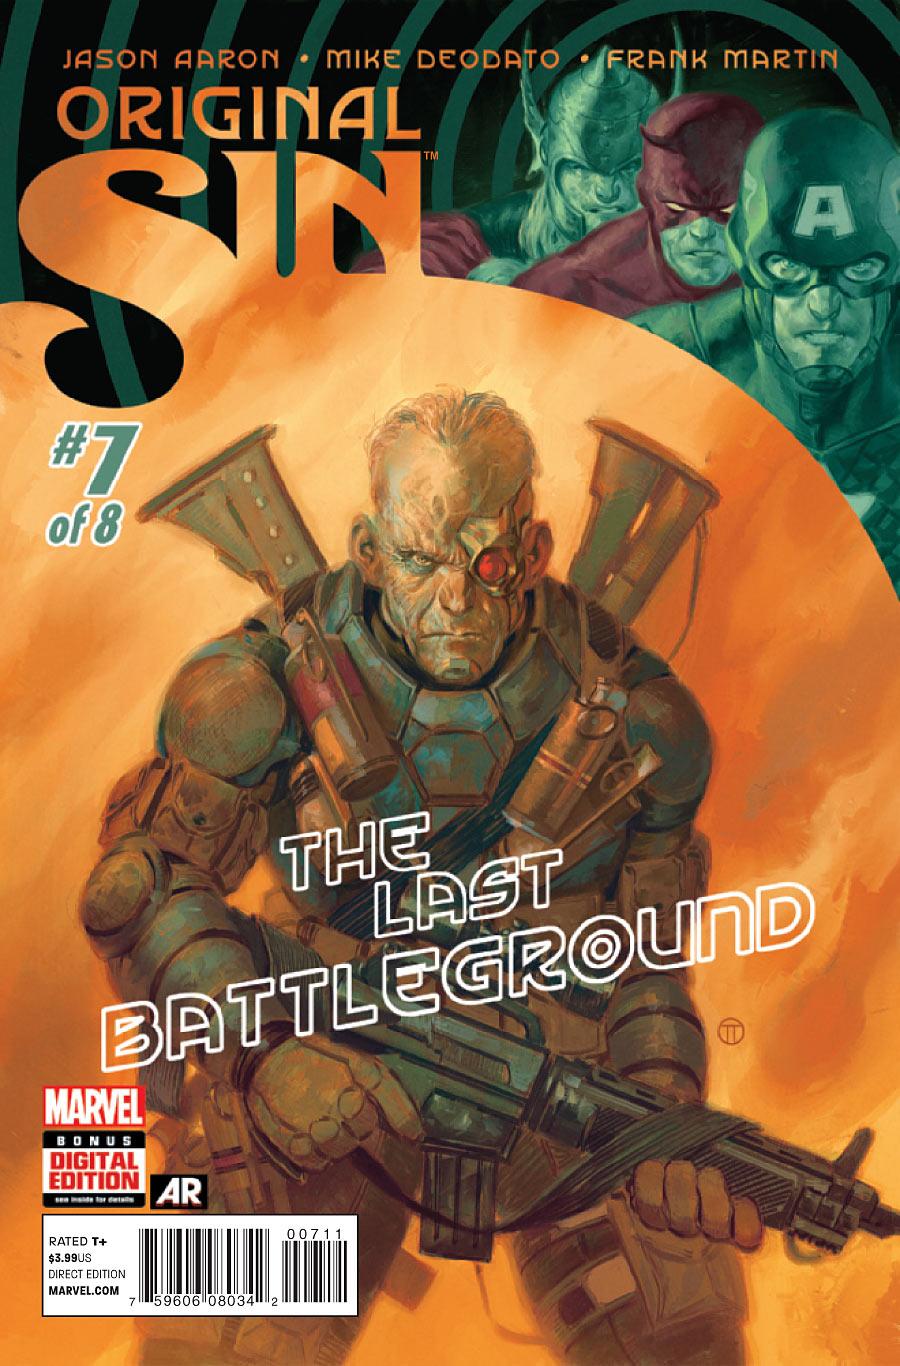 Original Sin 7 - Issue 7